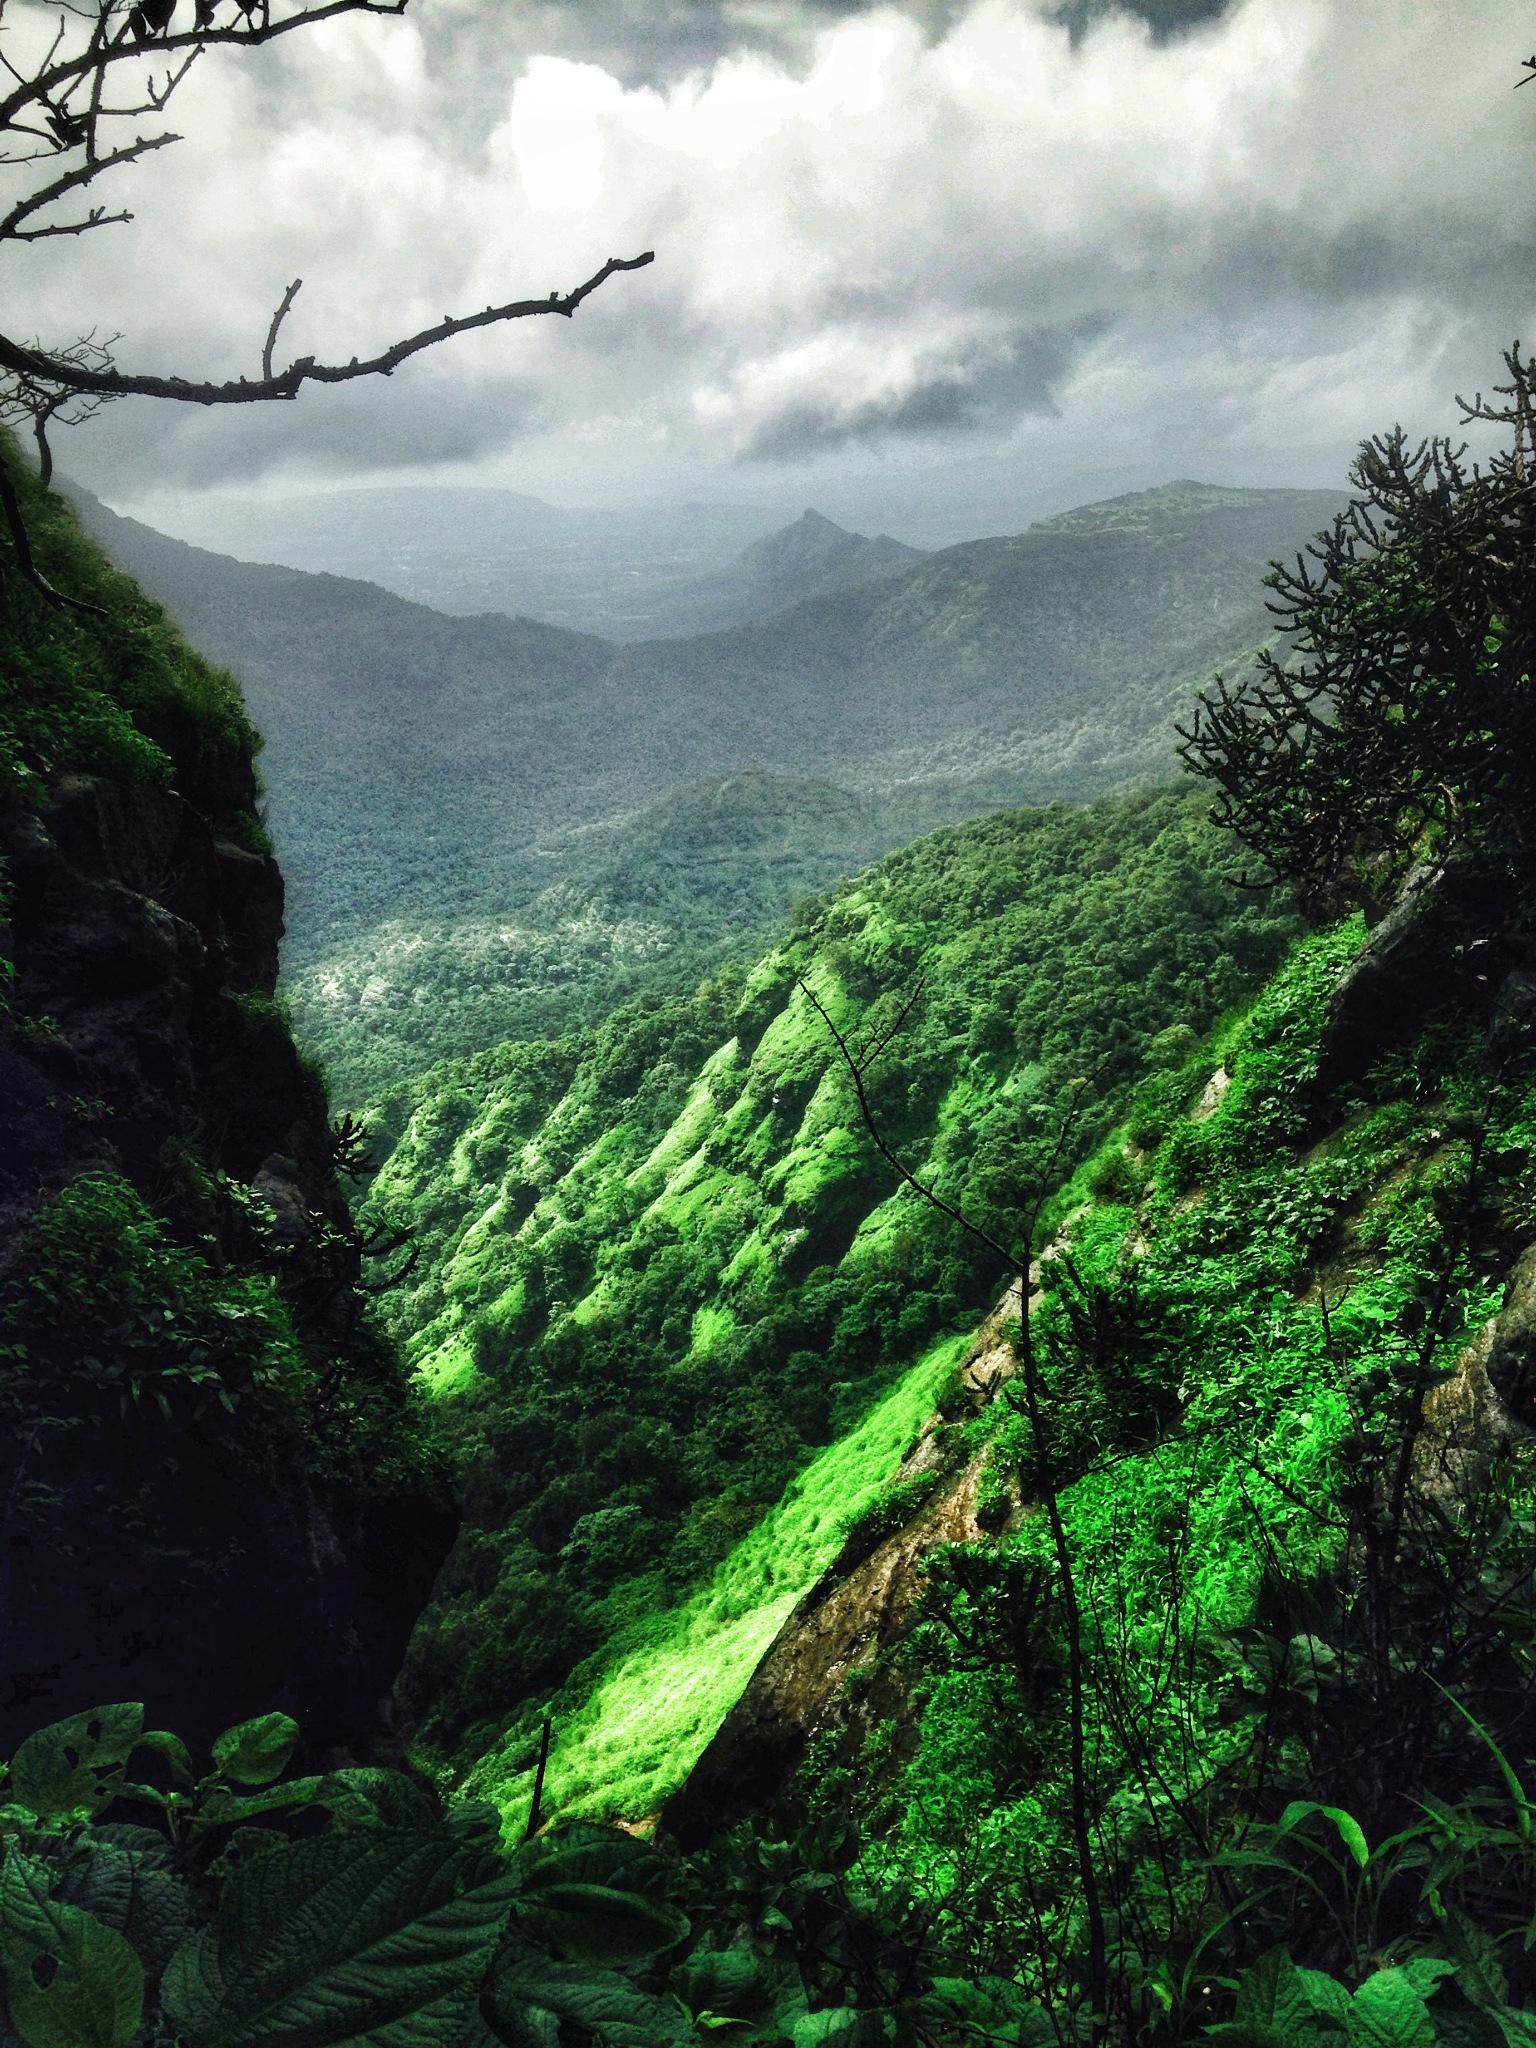 Heaven on earth by Shruti